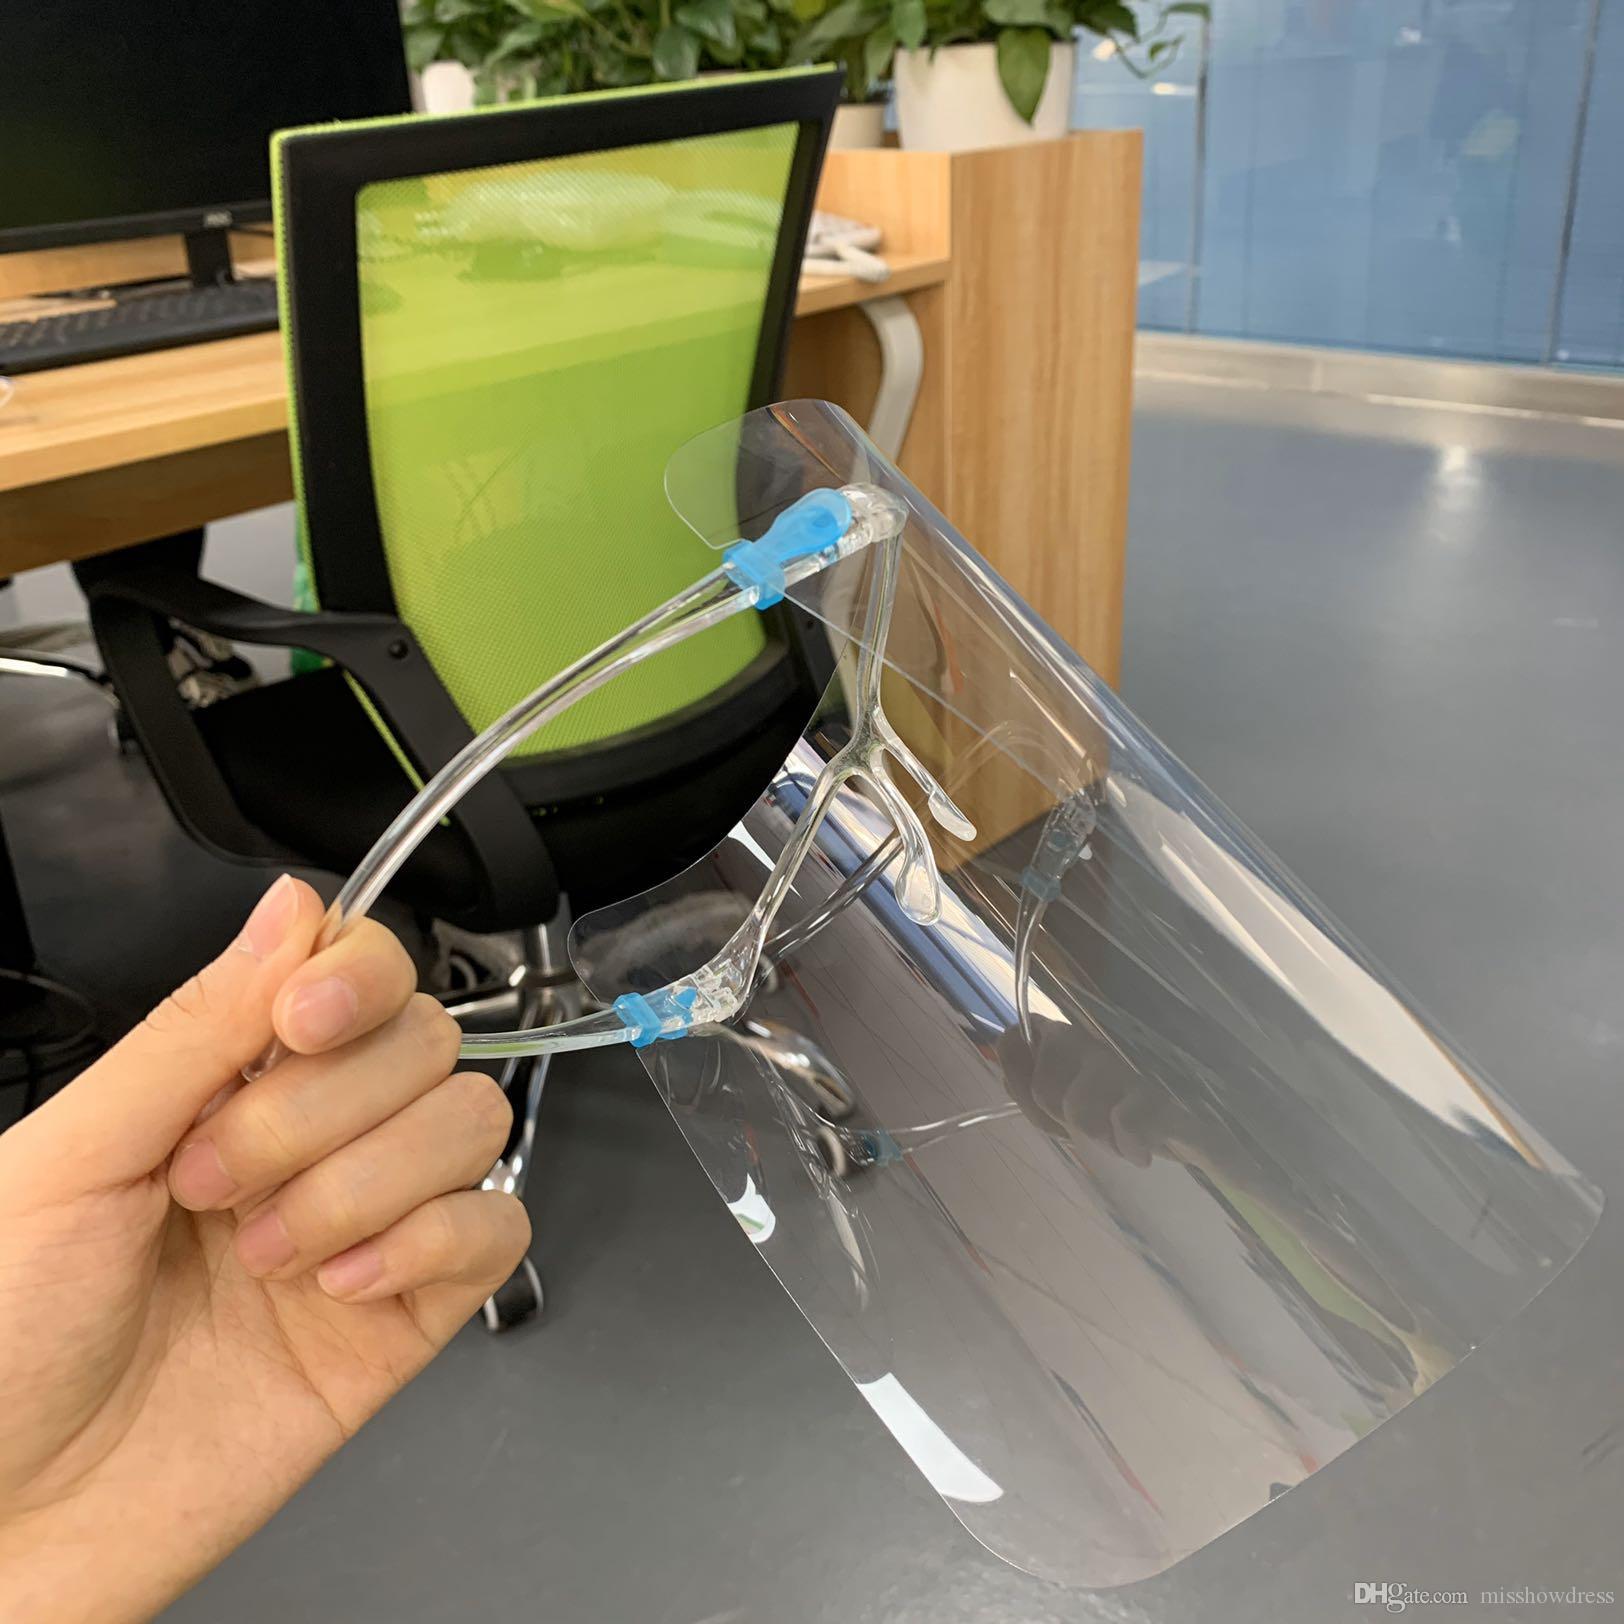 США Фото Clear Защитная Защитная маска Пластиковый экран Изоляция Полная защита маска Анти-туман масло Защитная маска Щит Hat FY8038